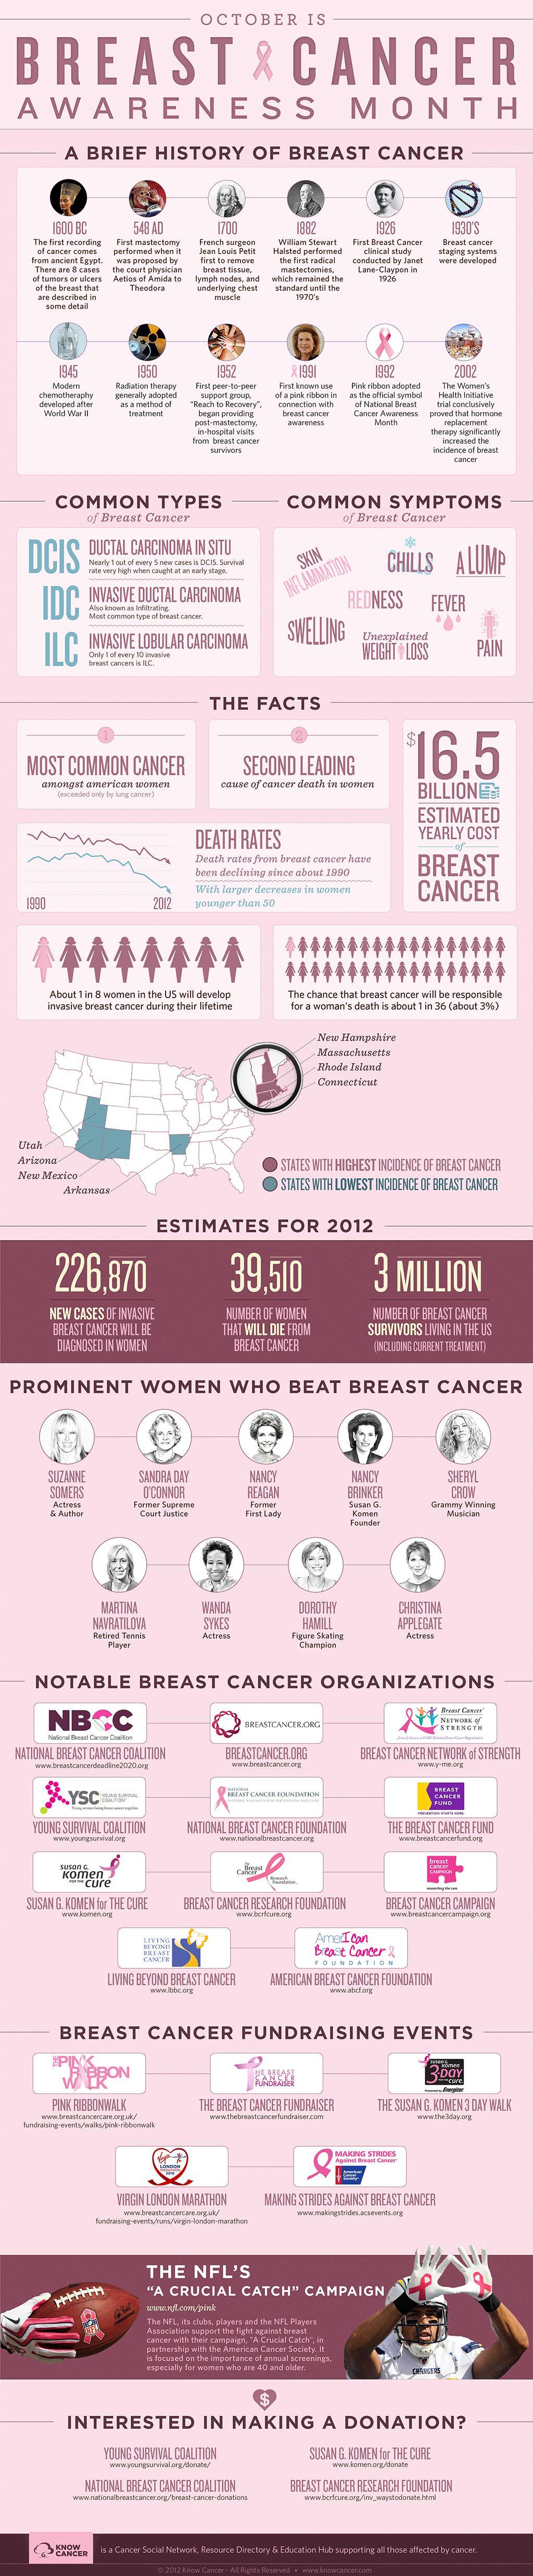 breast-cancer-awareness-month_50ad2598af660